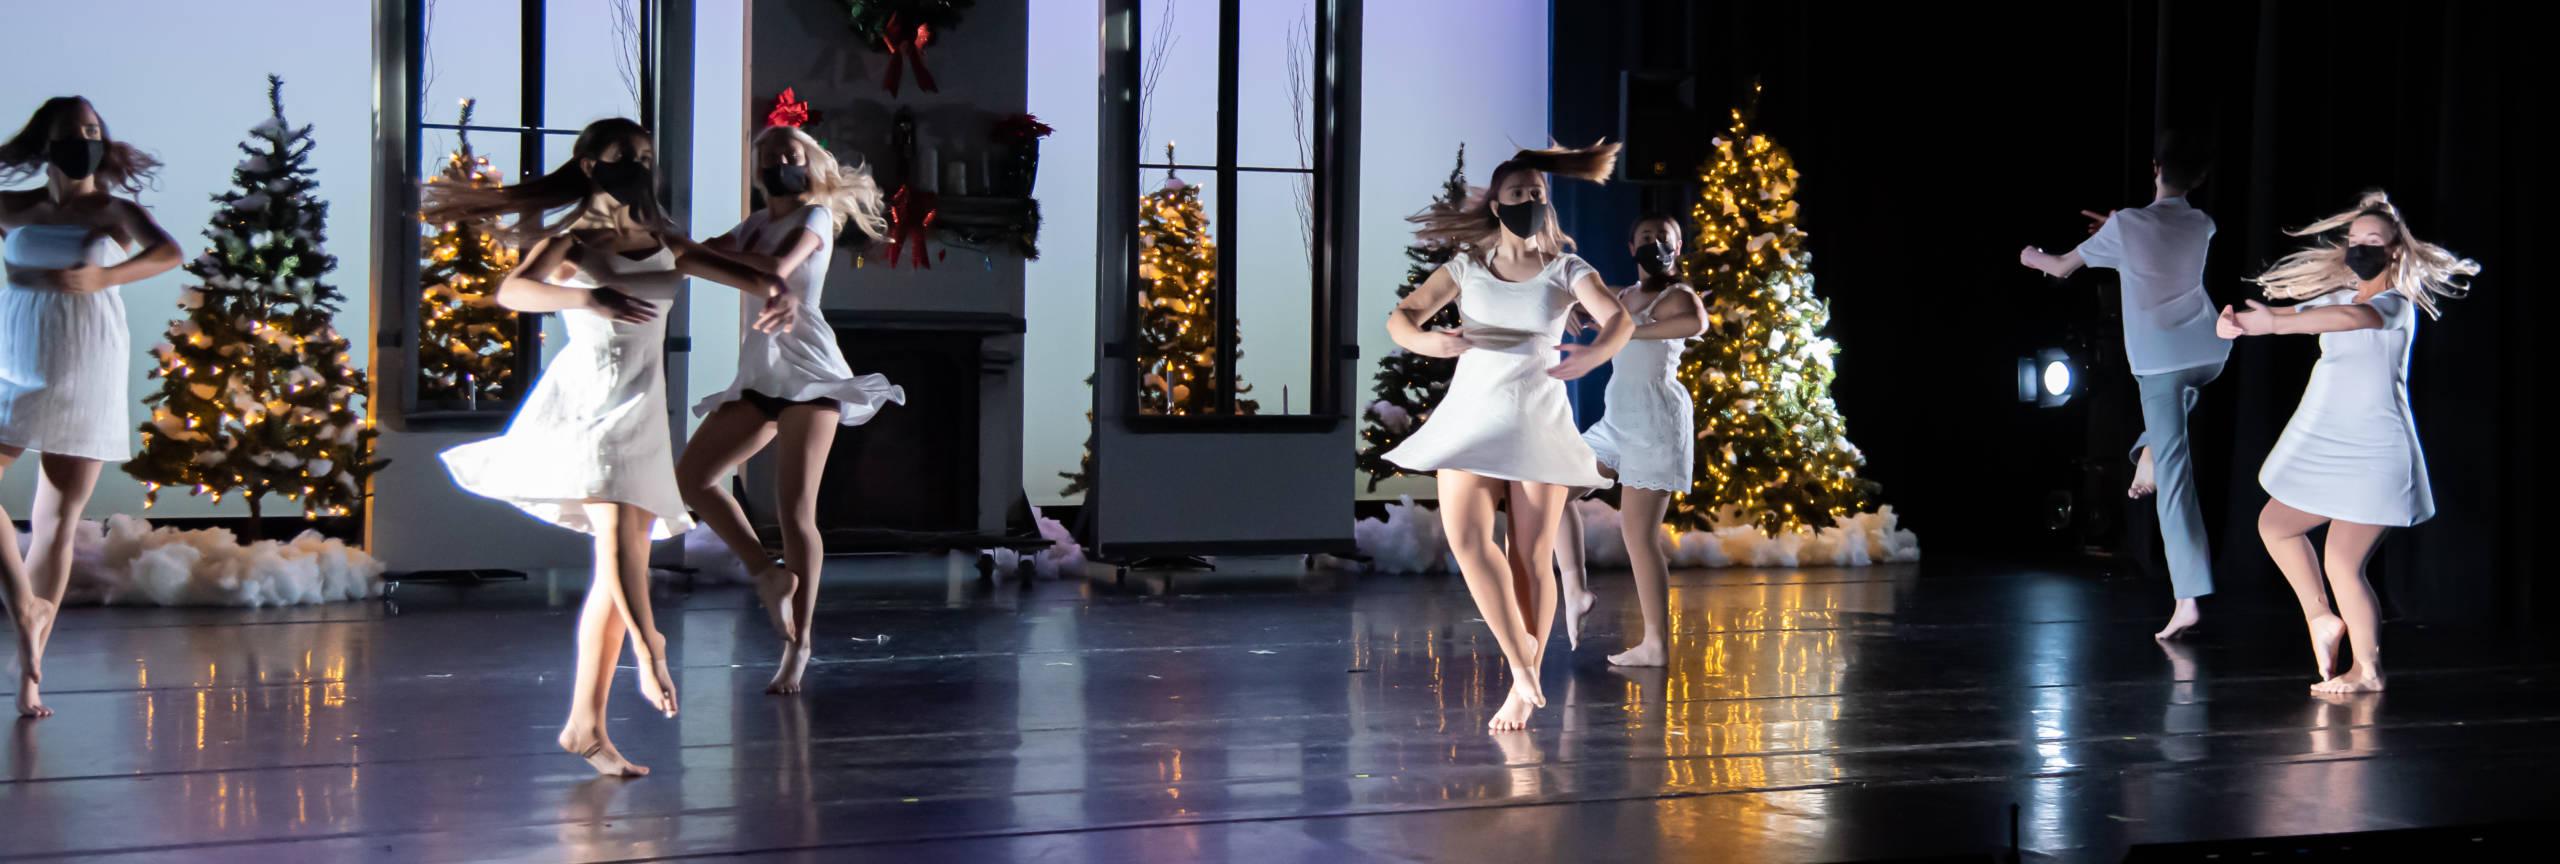 Dancers in Masks